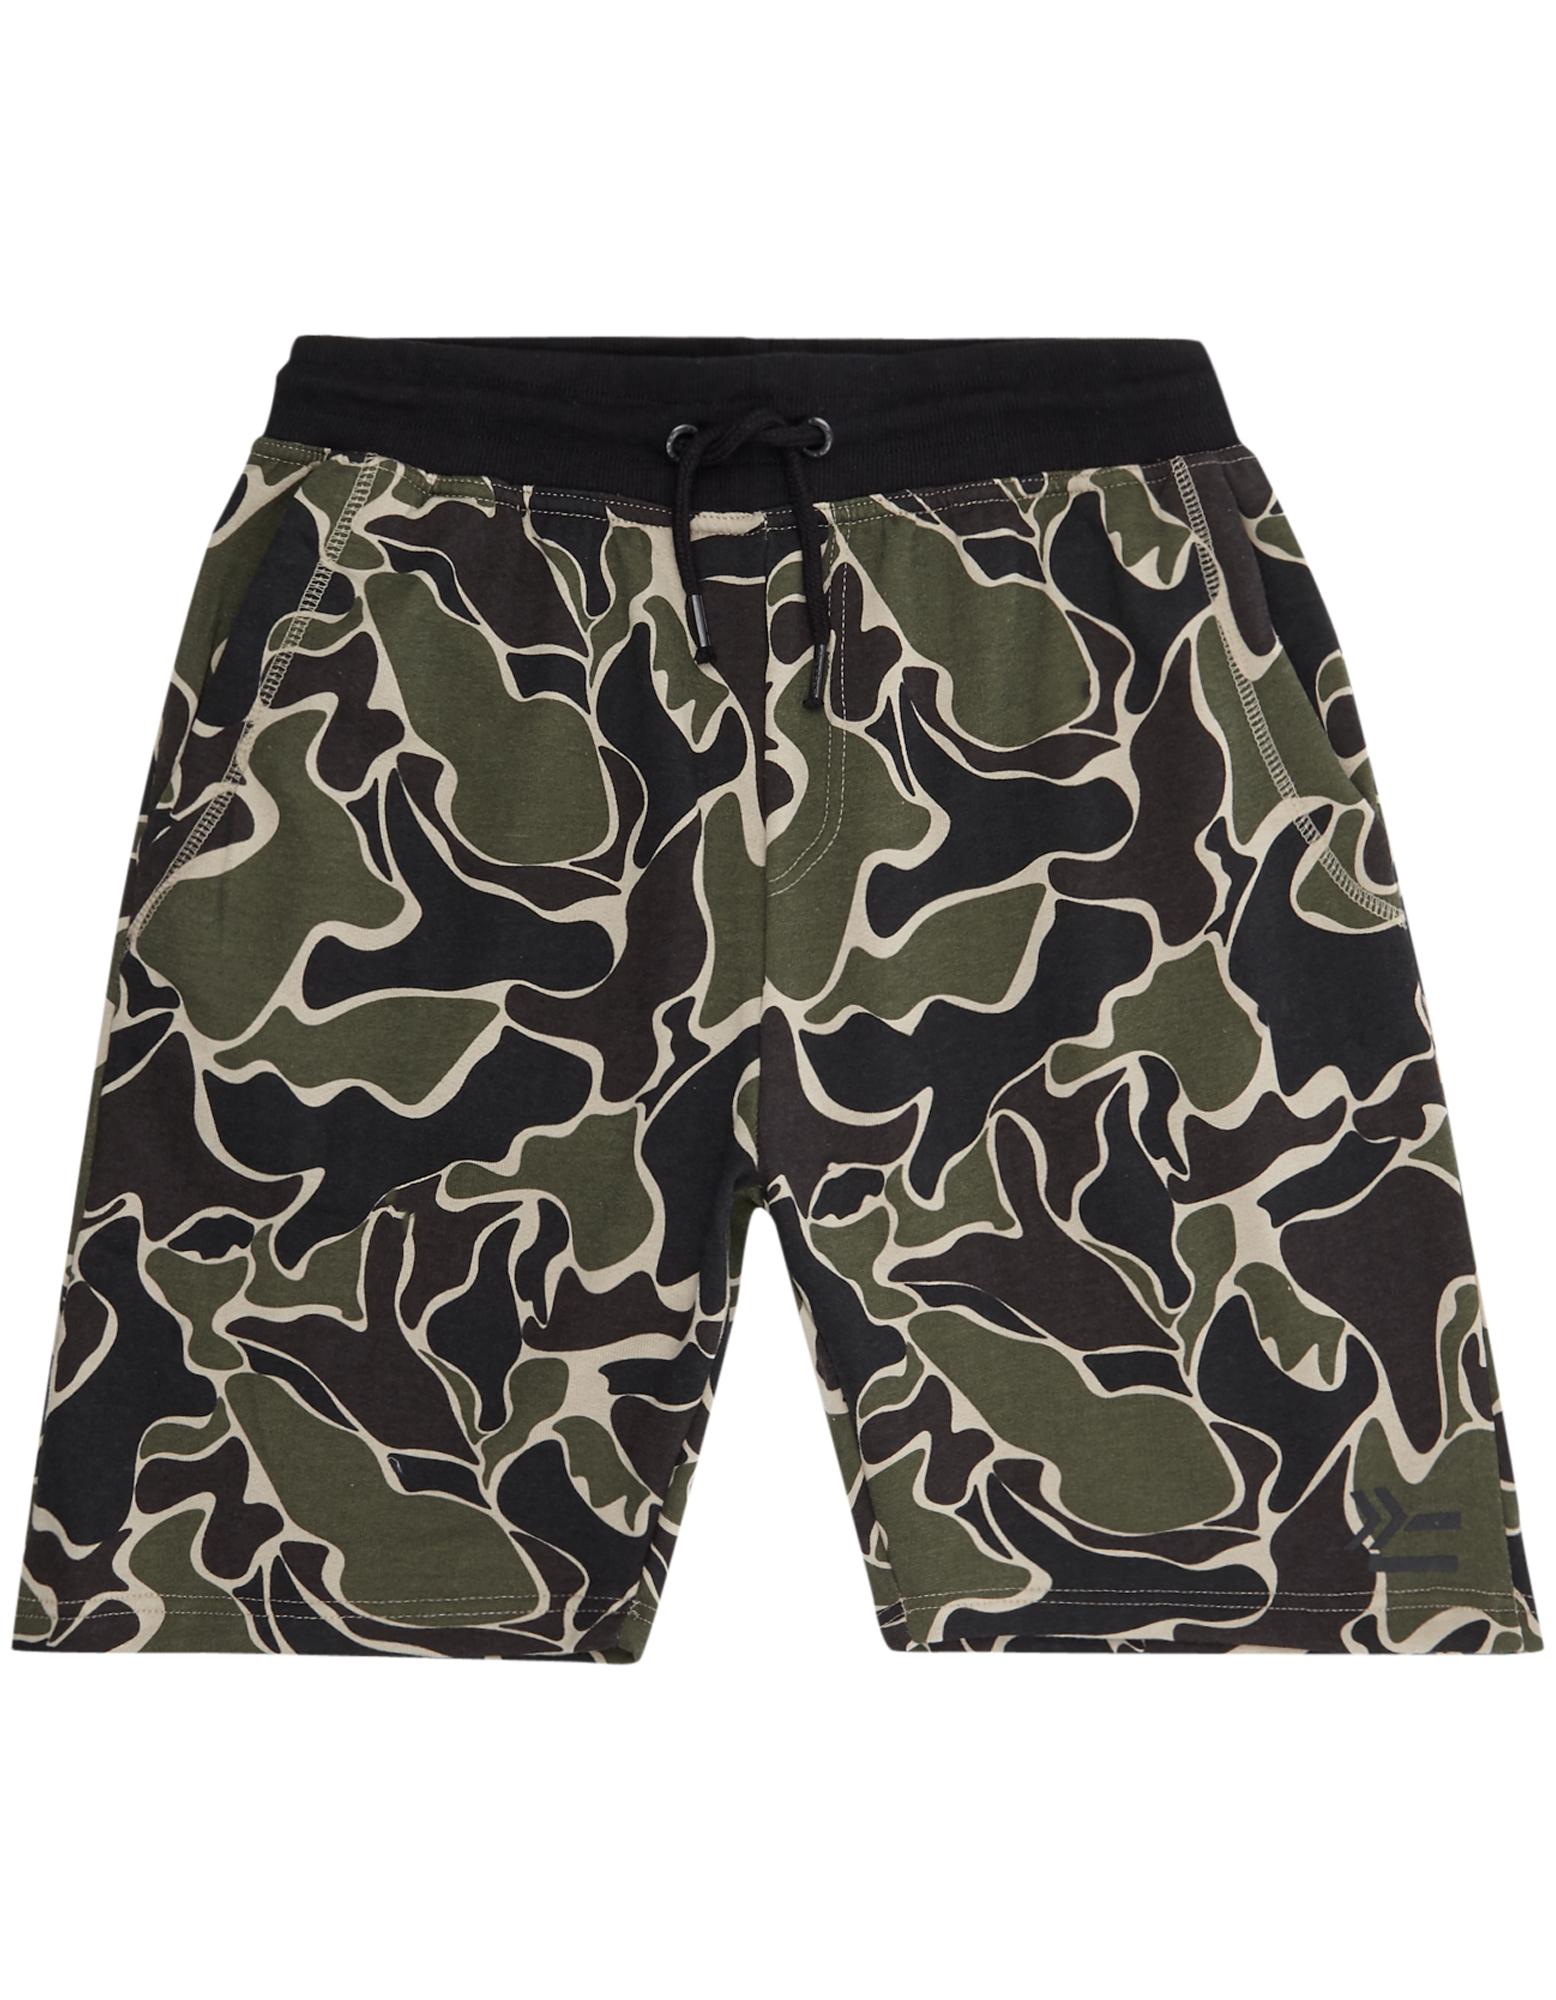 Herren Sweatshorts mit Camouflage-Muster  | 81507631900303